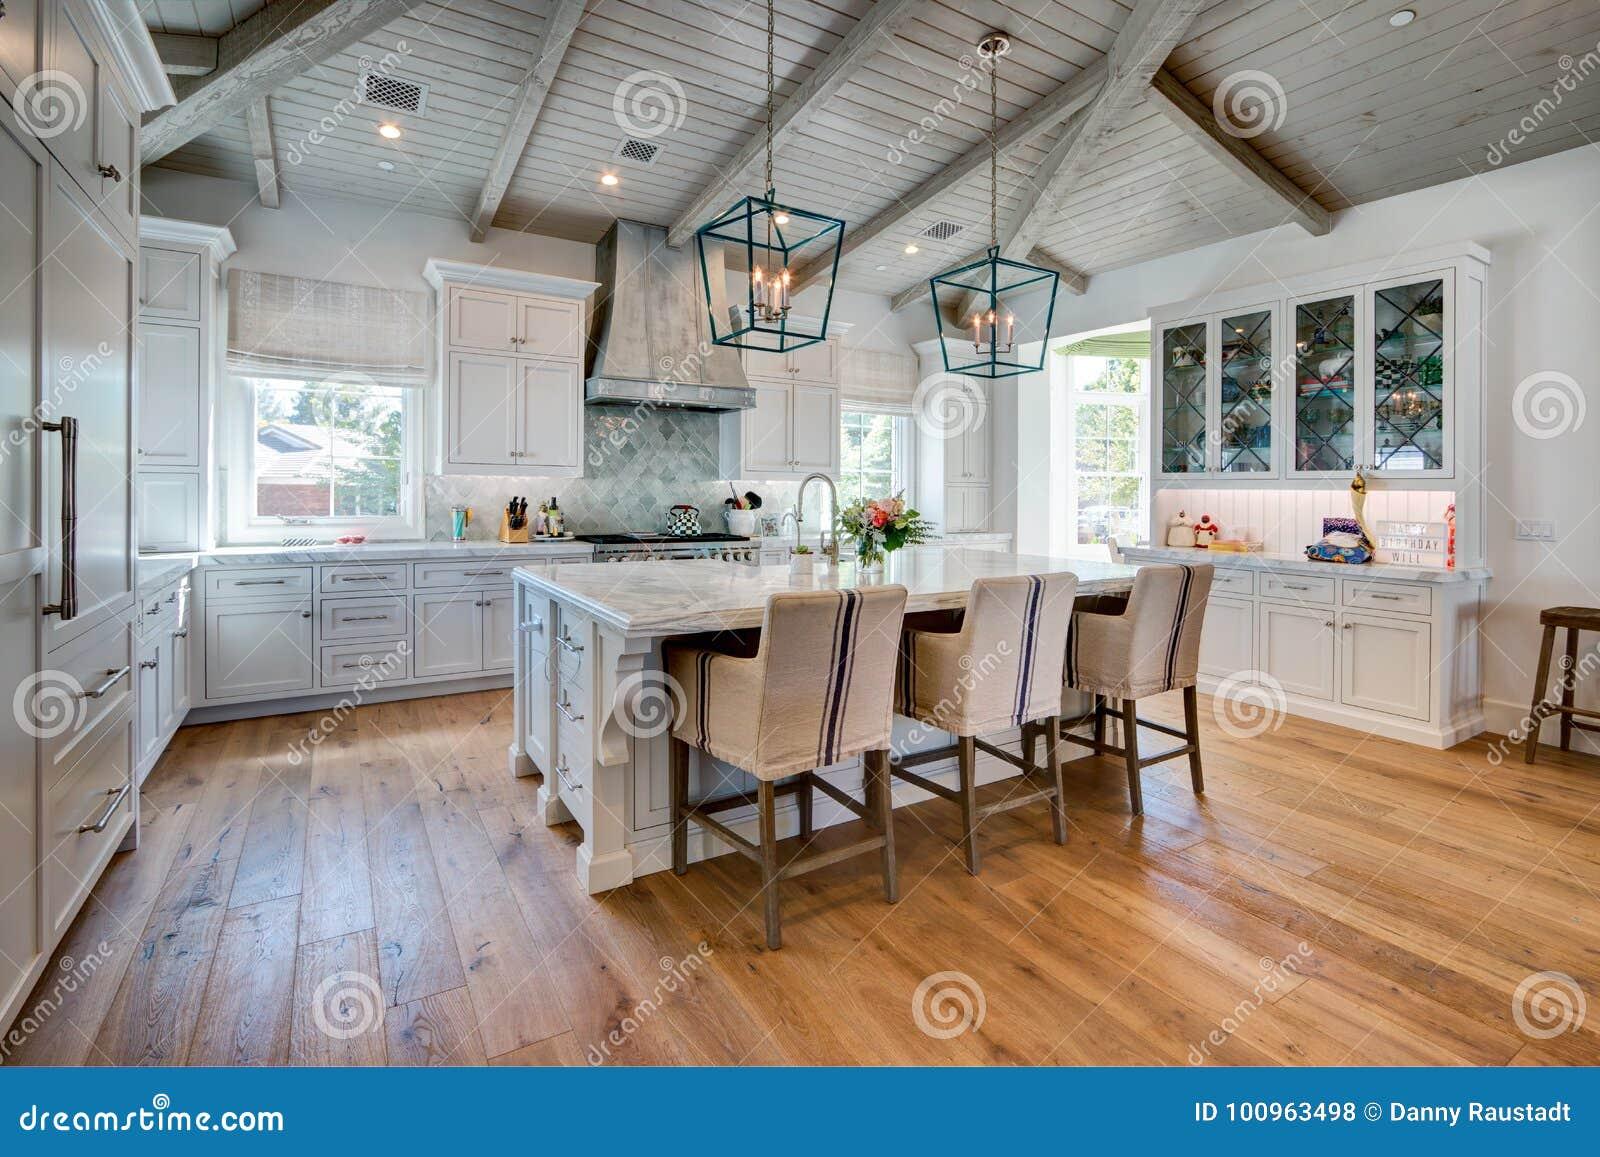 Cucina domestica moderna luminosa enorme